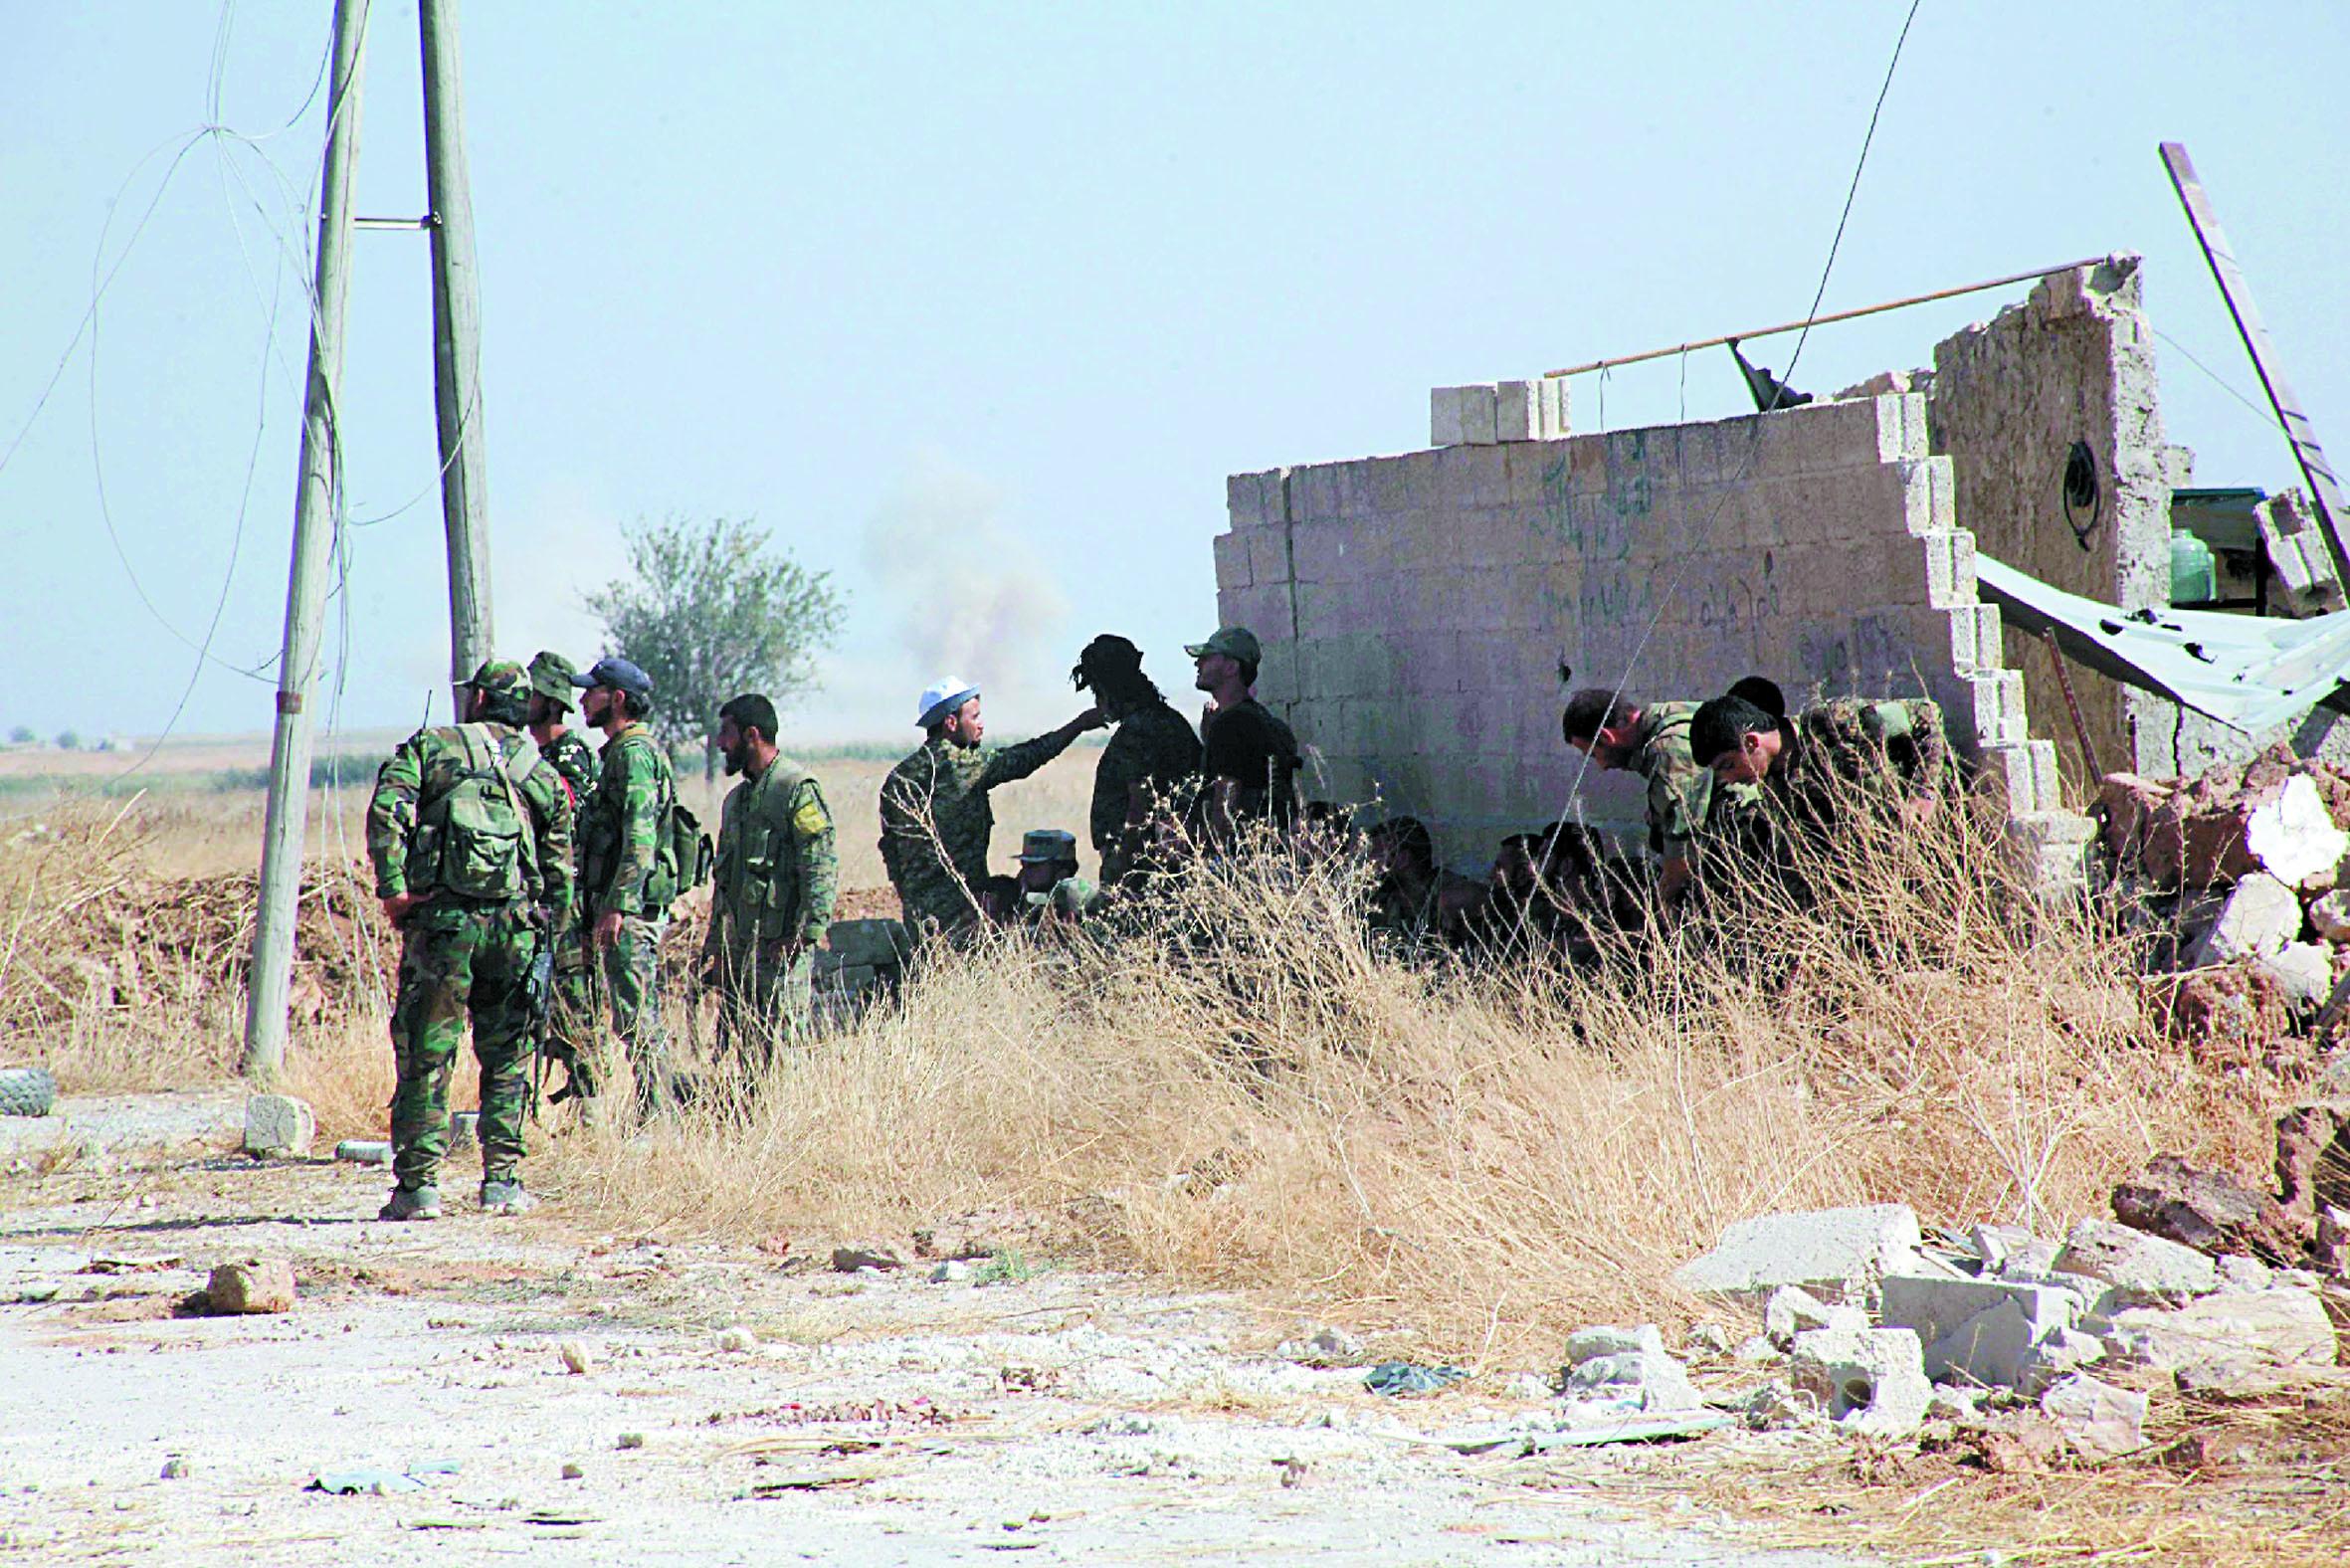 Le régime syrien avance dans la province d'Alep et peine dans celle de Homs